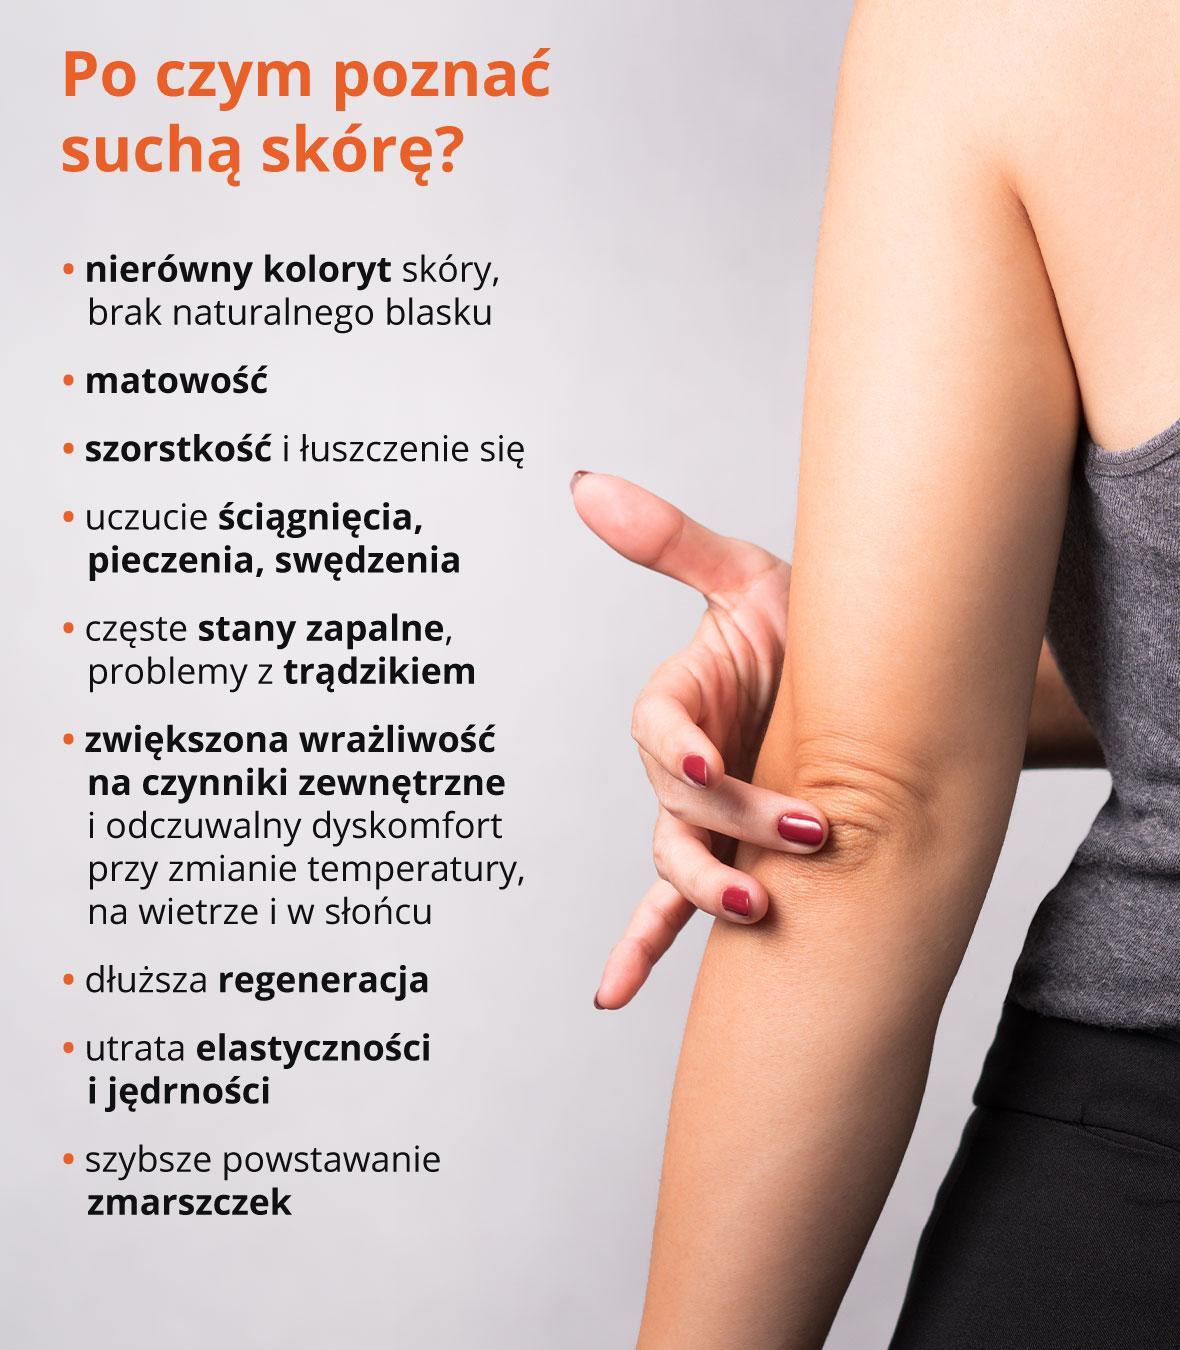 Po czym poznać suchą skórę -infografika